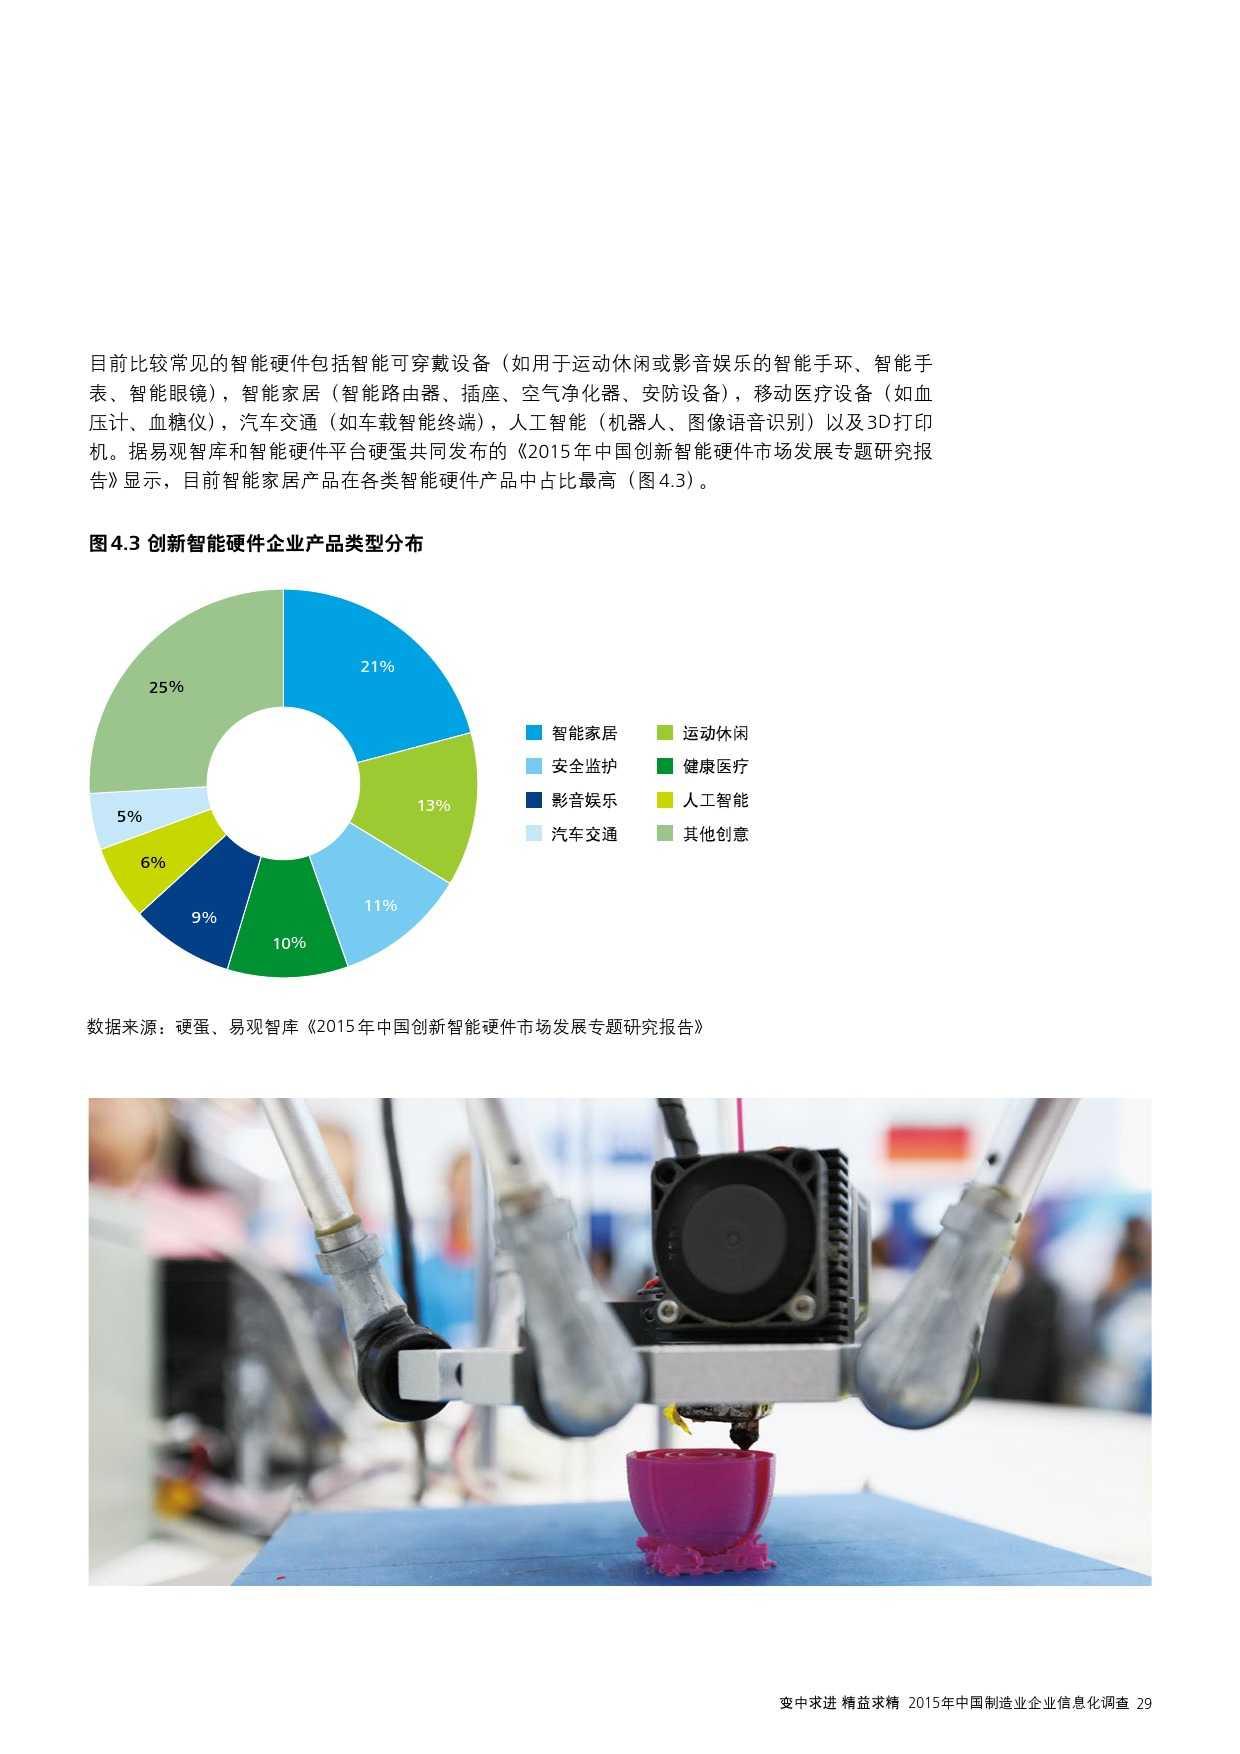 2015年中国制造业企业信息化调查_000031